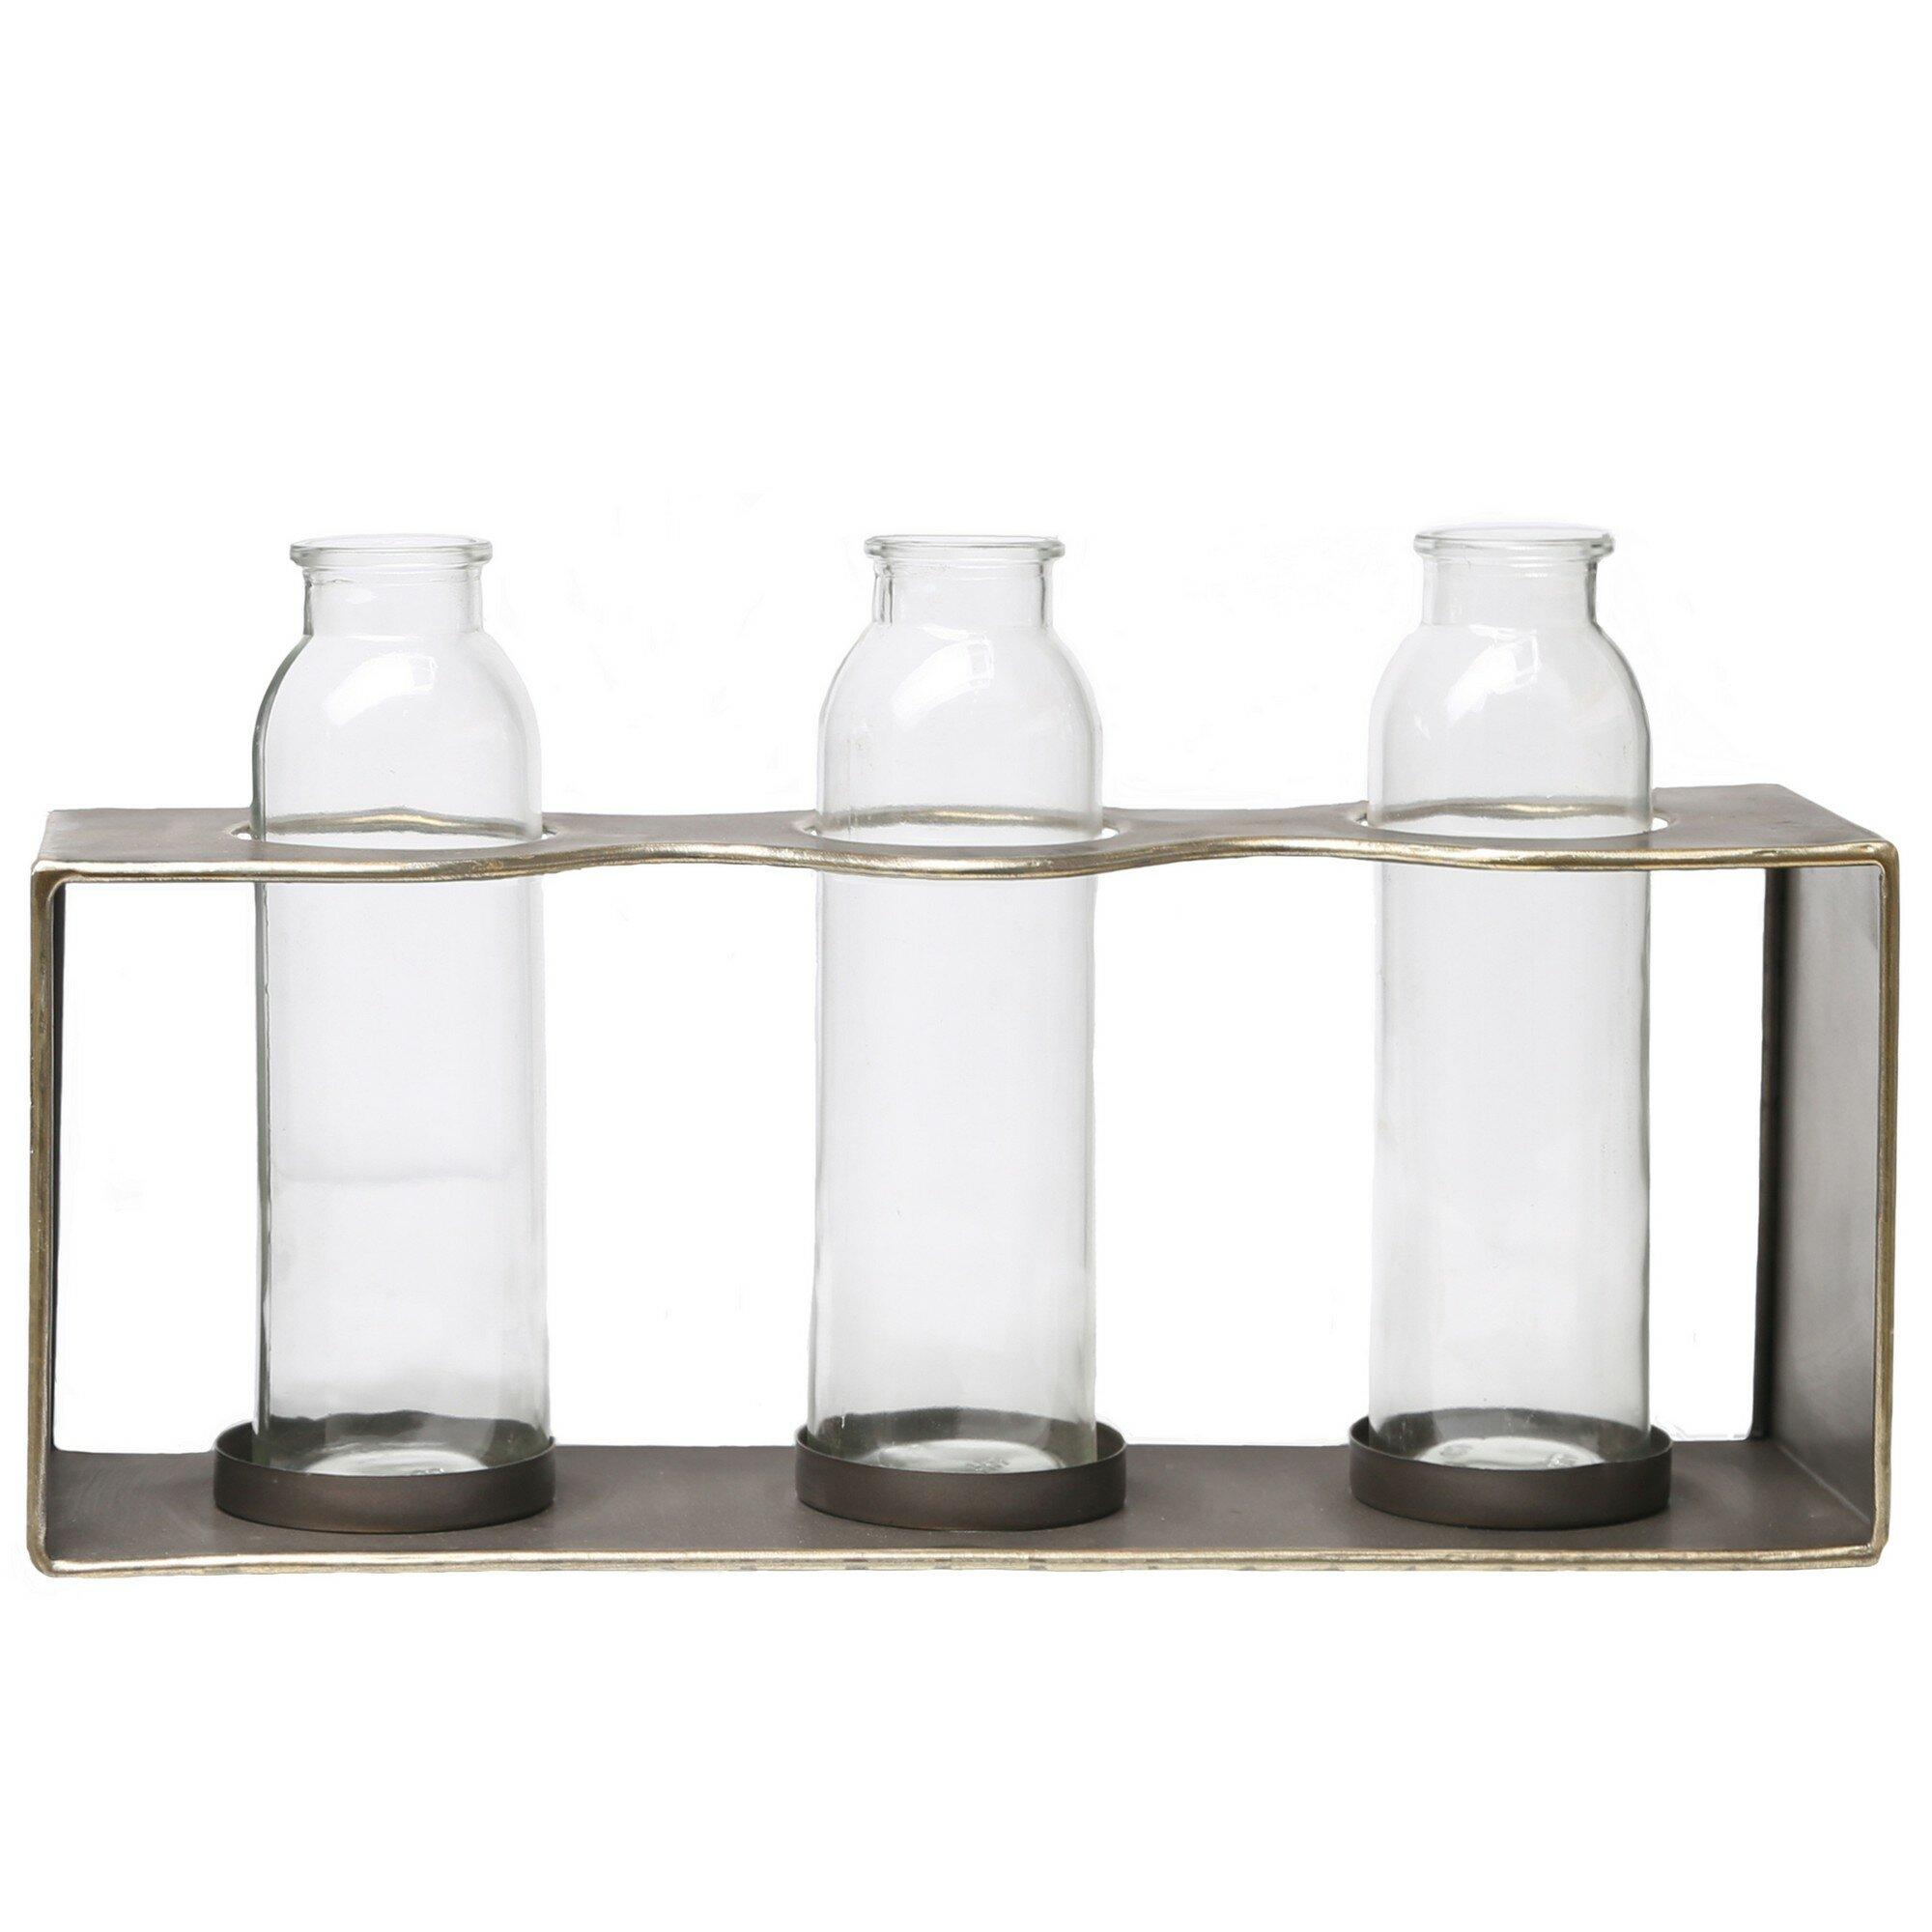 Williston Forge 2 Piece Groff Brown Clear Indoor Outdoor Metal Table Vase Set Wayfair